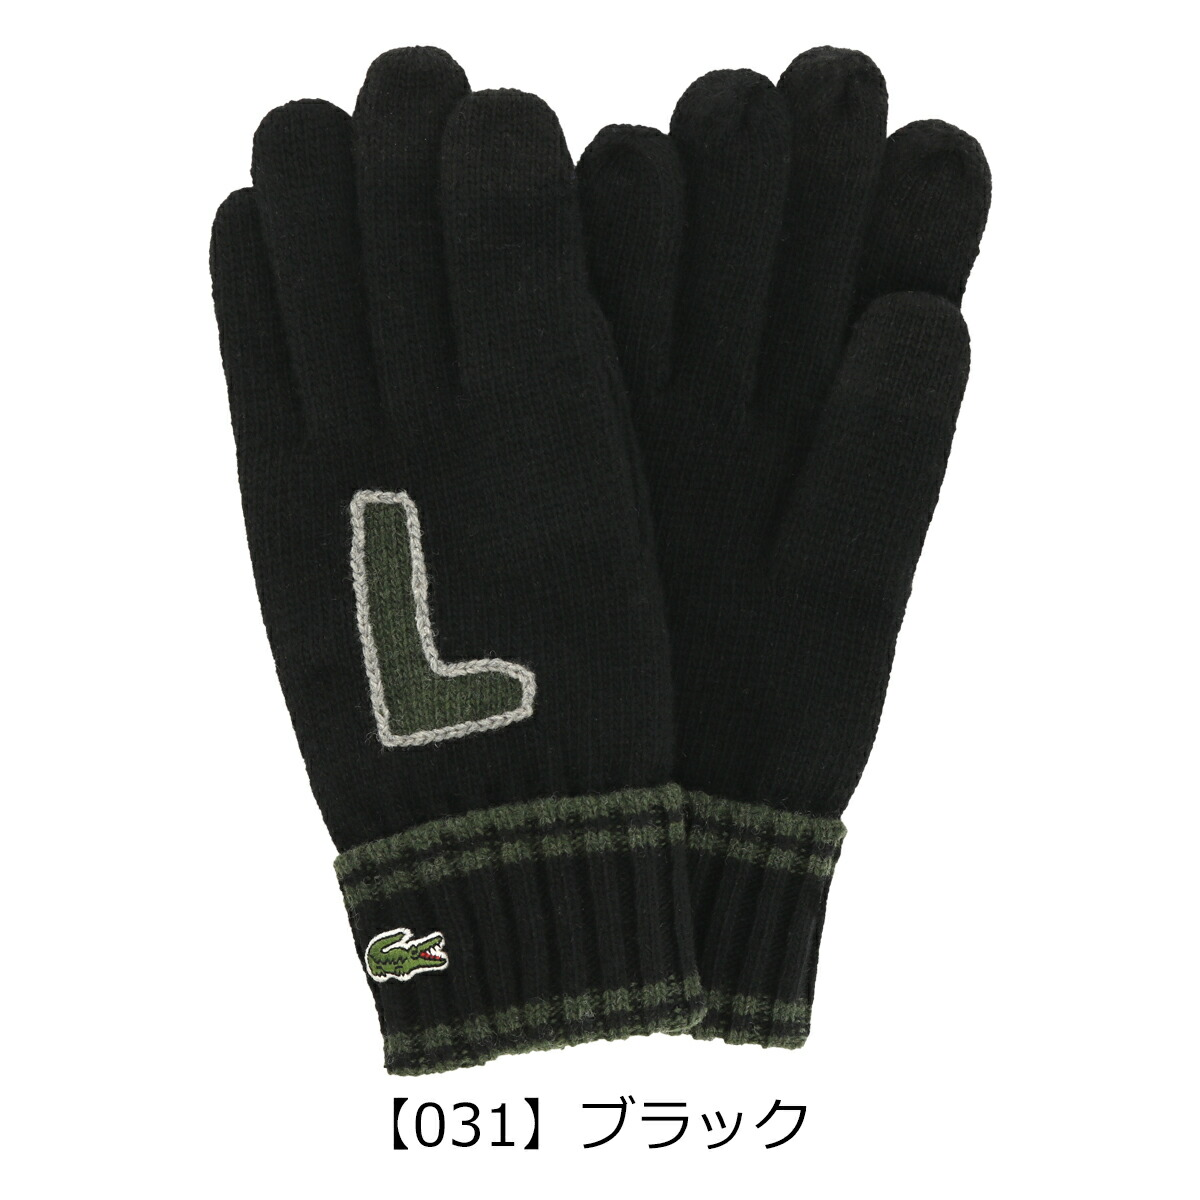 【031】ブラック